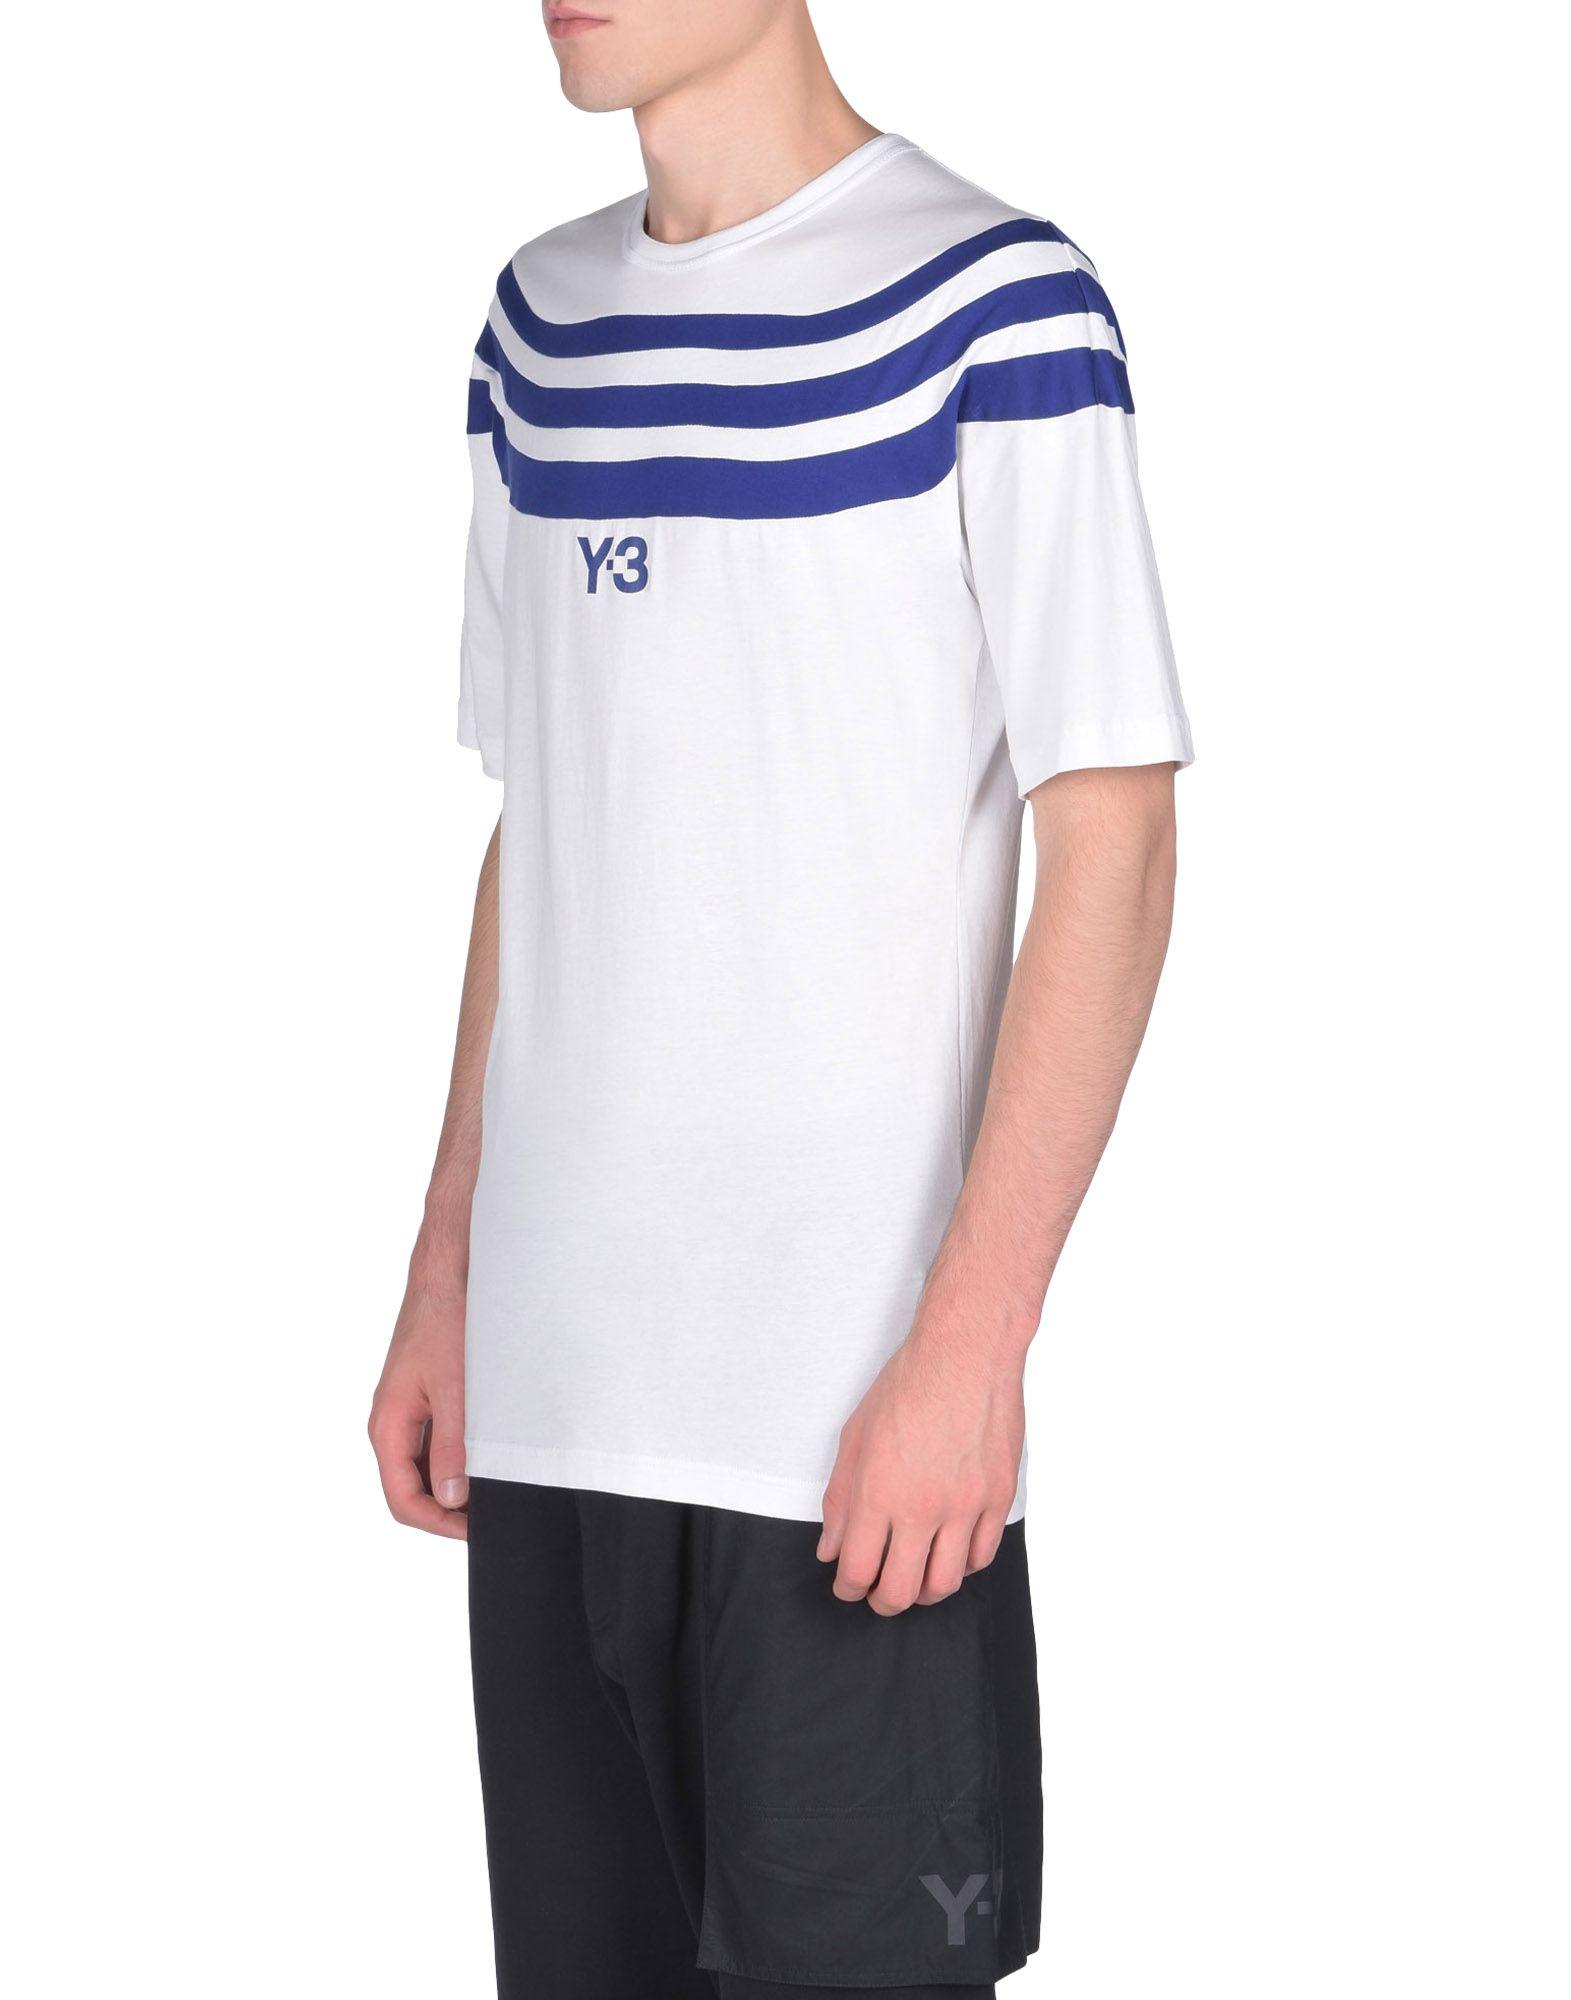 Y-3 Y-3 3-STRIPES TEE T シャツ メンズ r